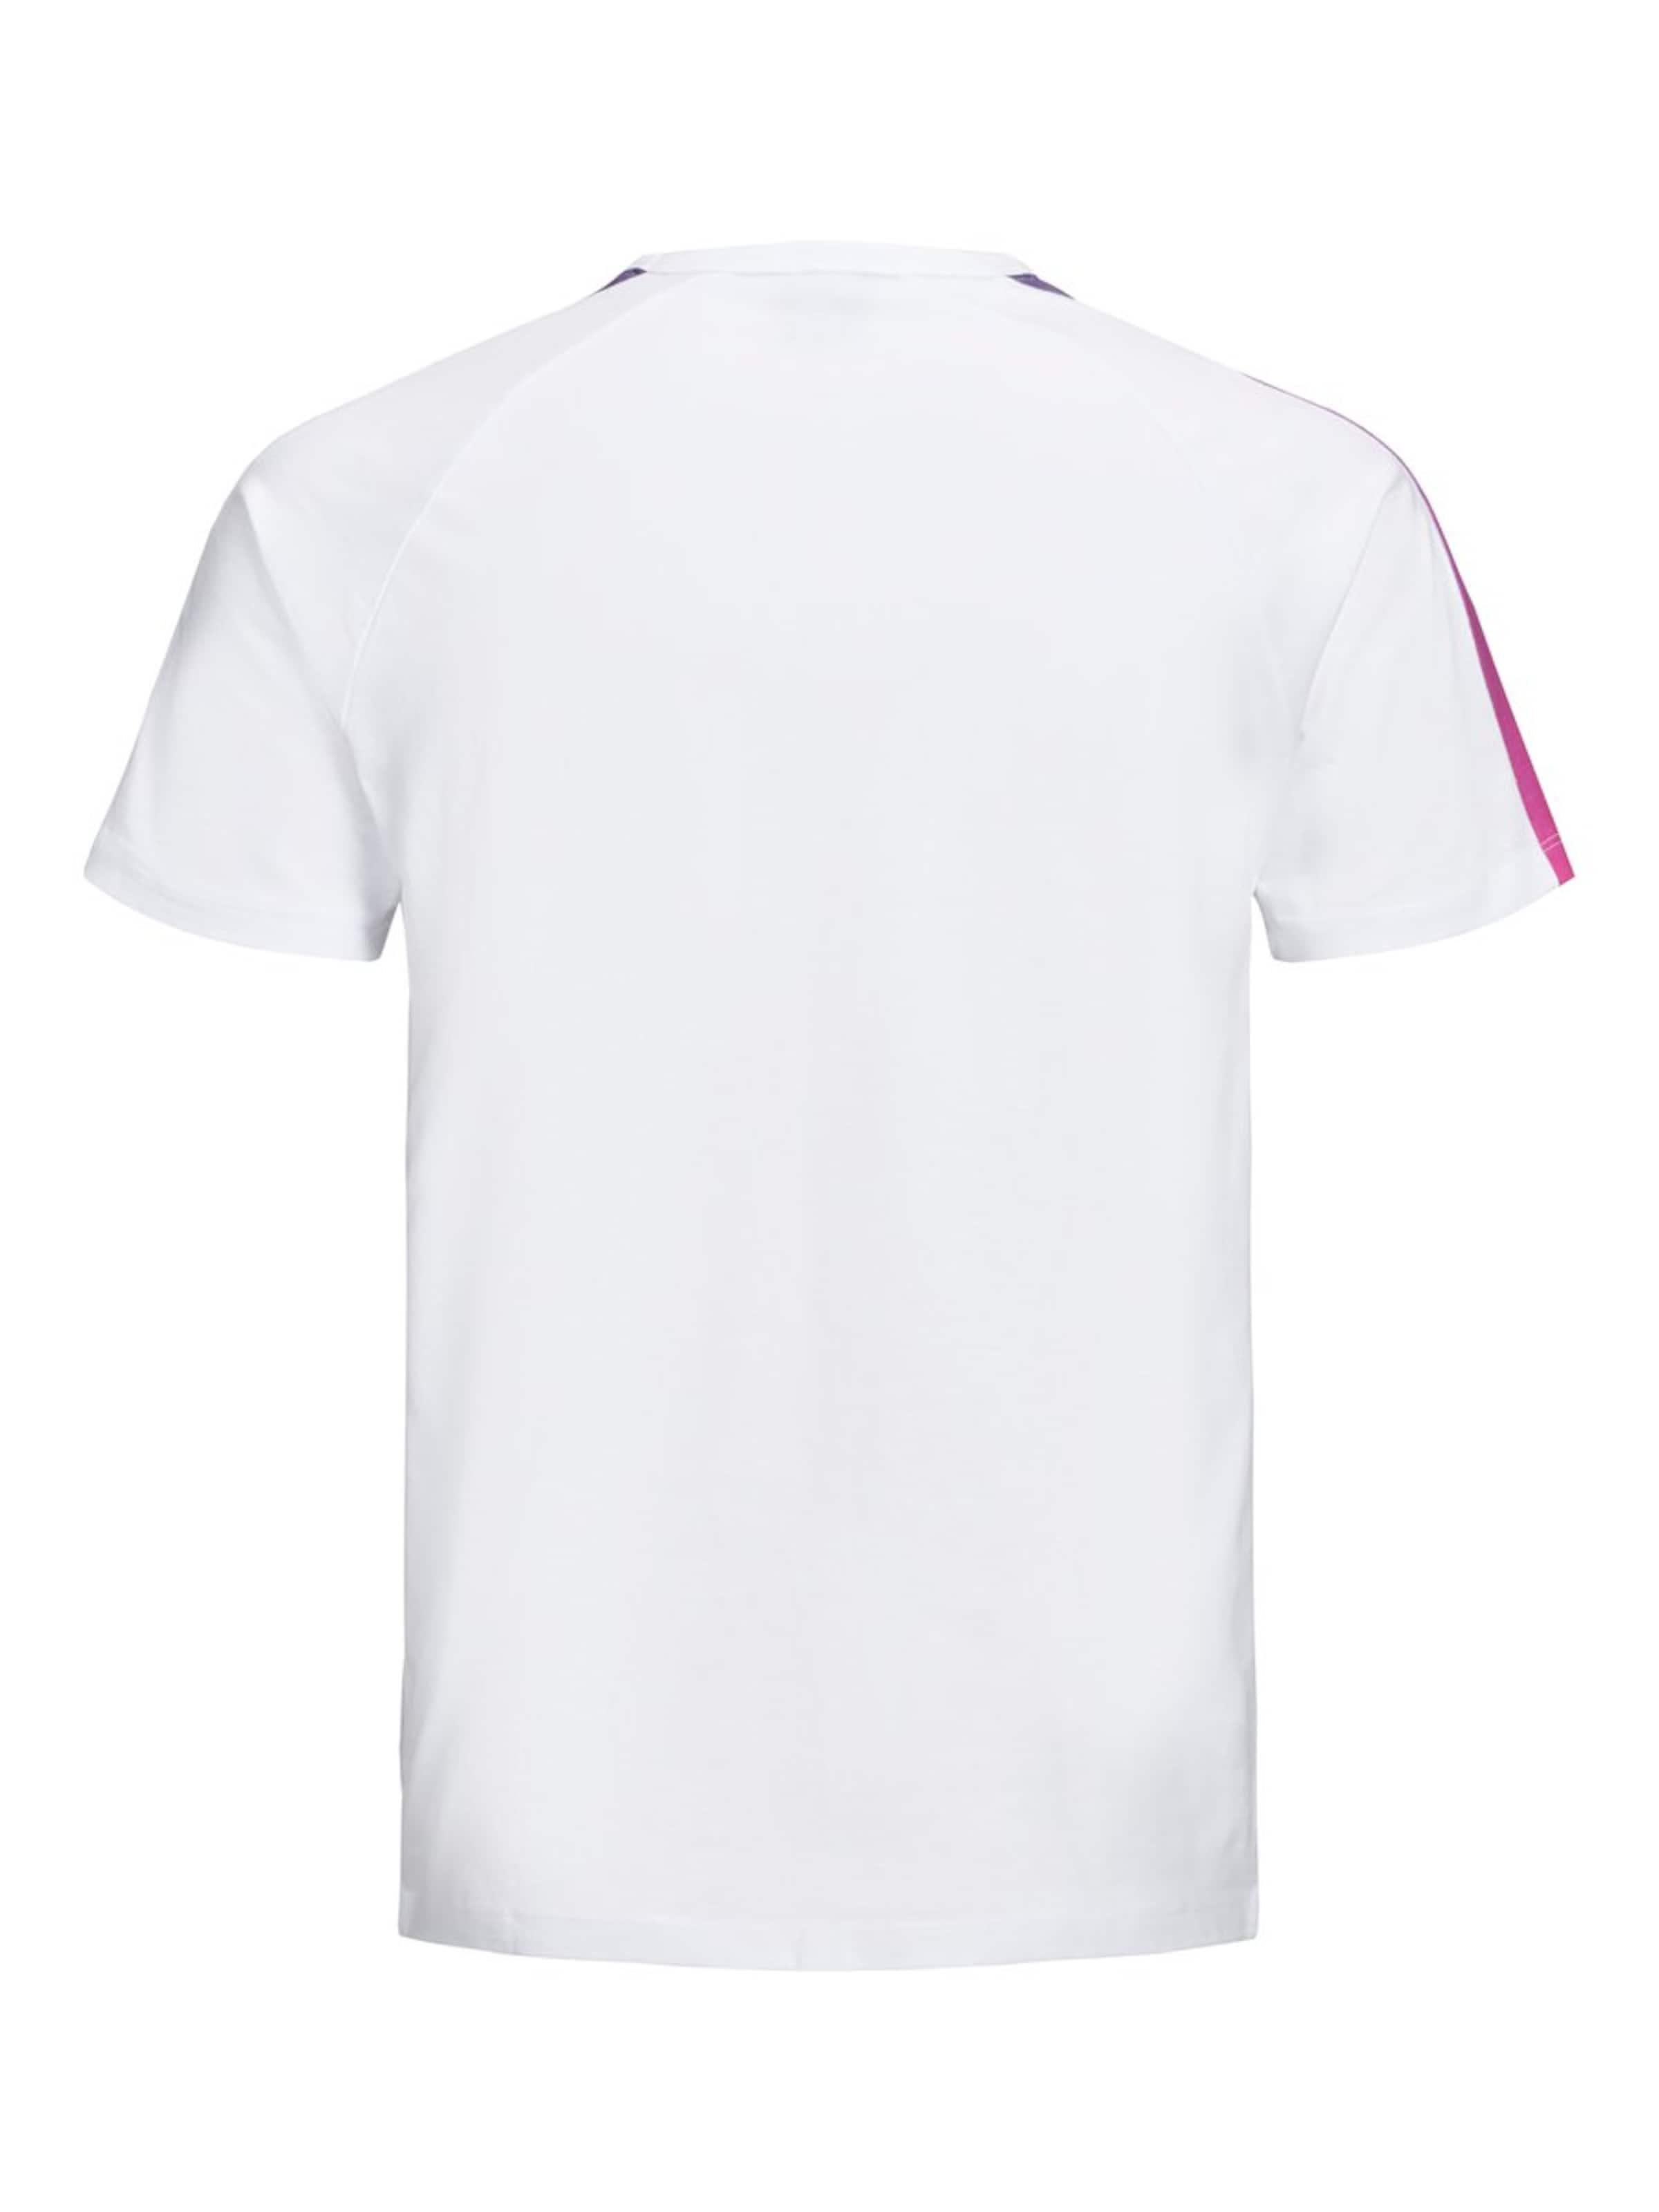 Bedrucktes T Jones Weiß Jackamp; shirt In 1c3uKT5FlJ